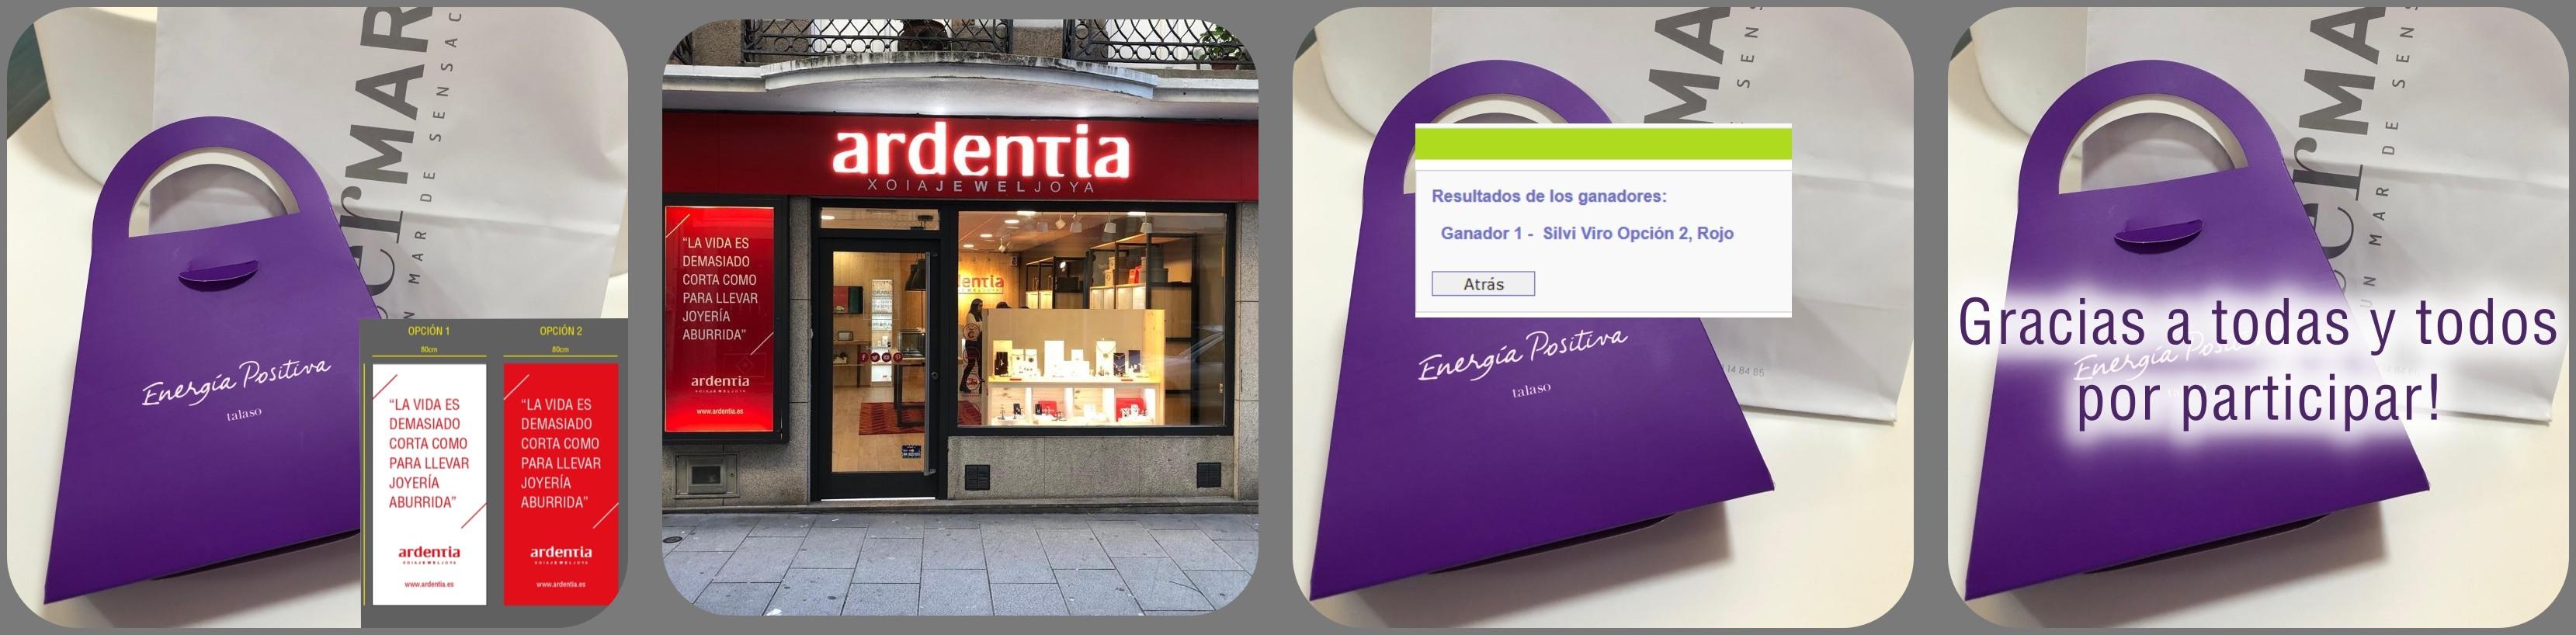 Resultado concurso Termaria Ardentia Coruña